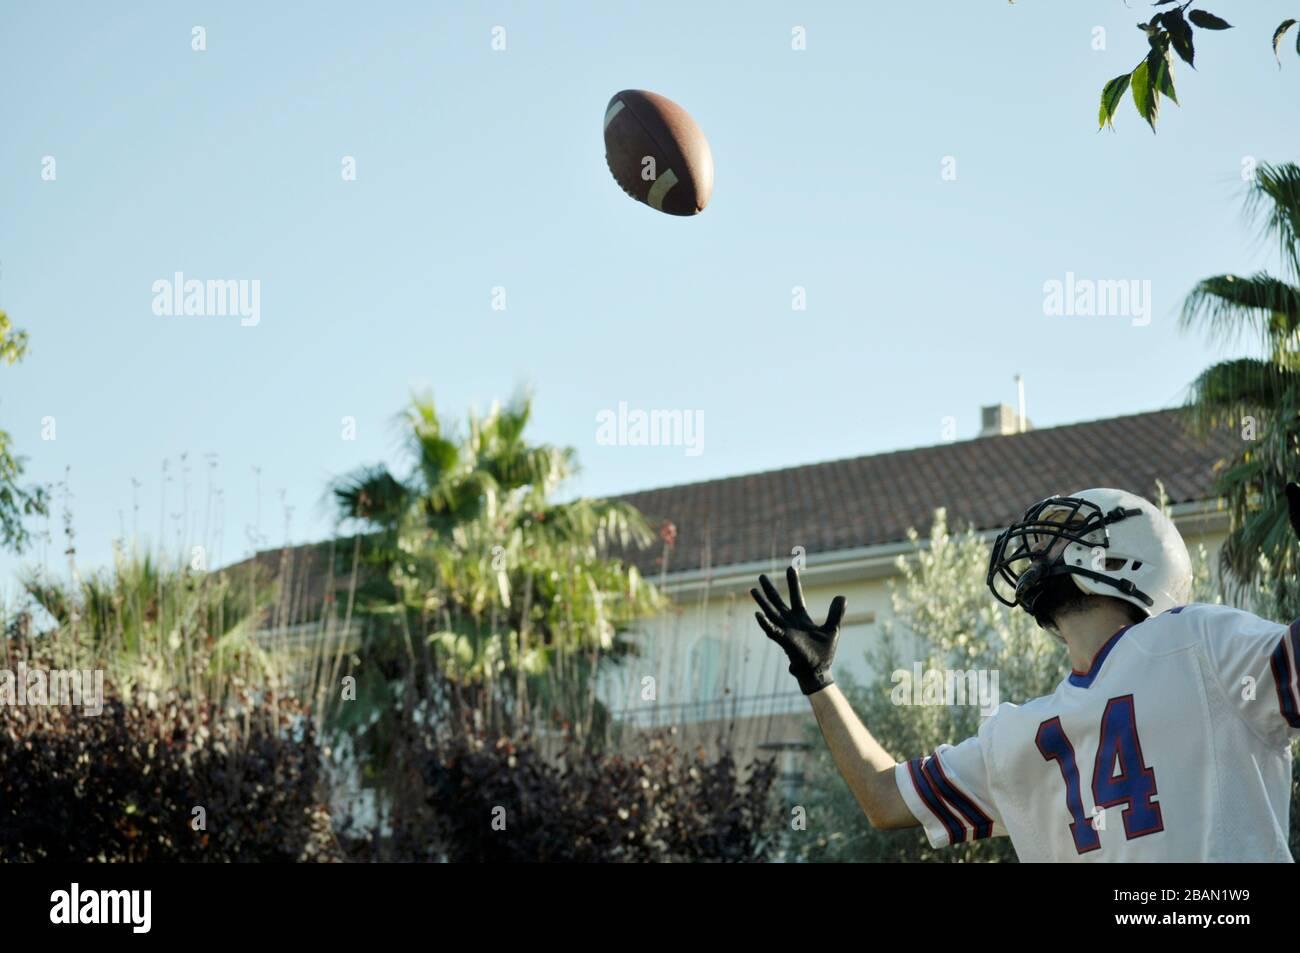 Joueur de football américain dans un jeu. Joueur qui attrape un ballon de football américain dans un parc. Banque D'Images